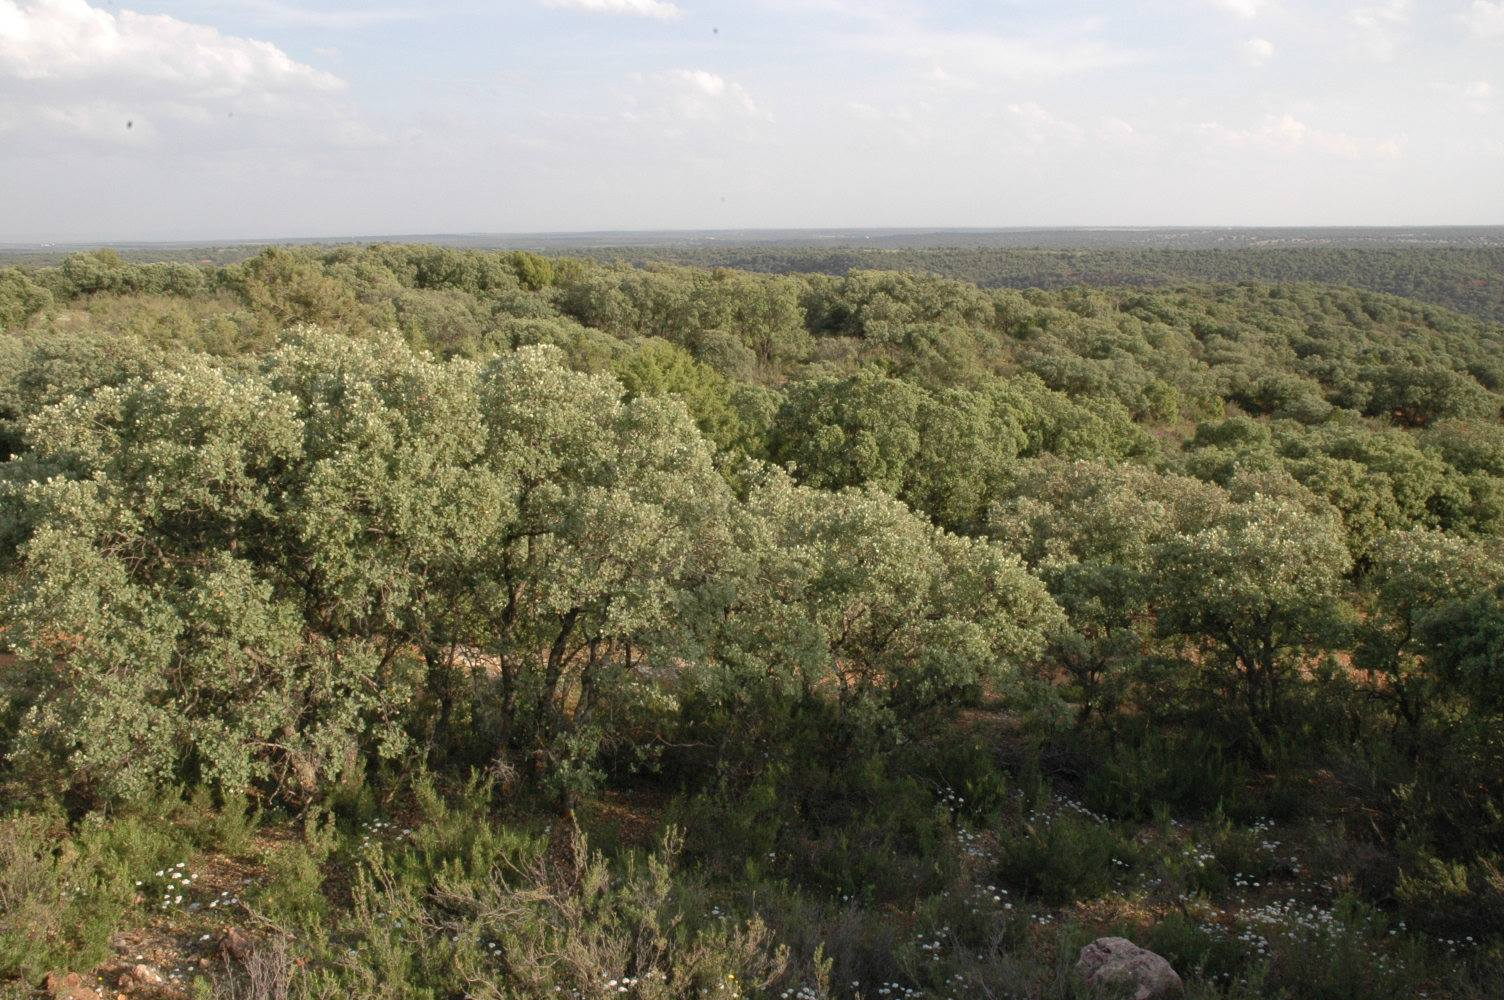 Bosque mediterráneo en el Parque Natural de las Lagunas de Ruidera